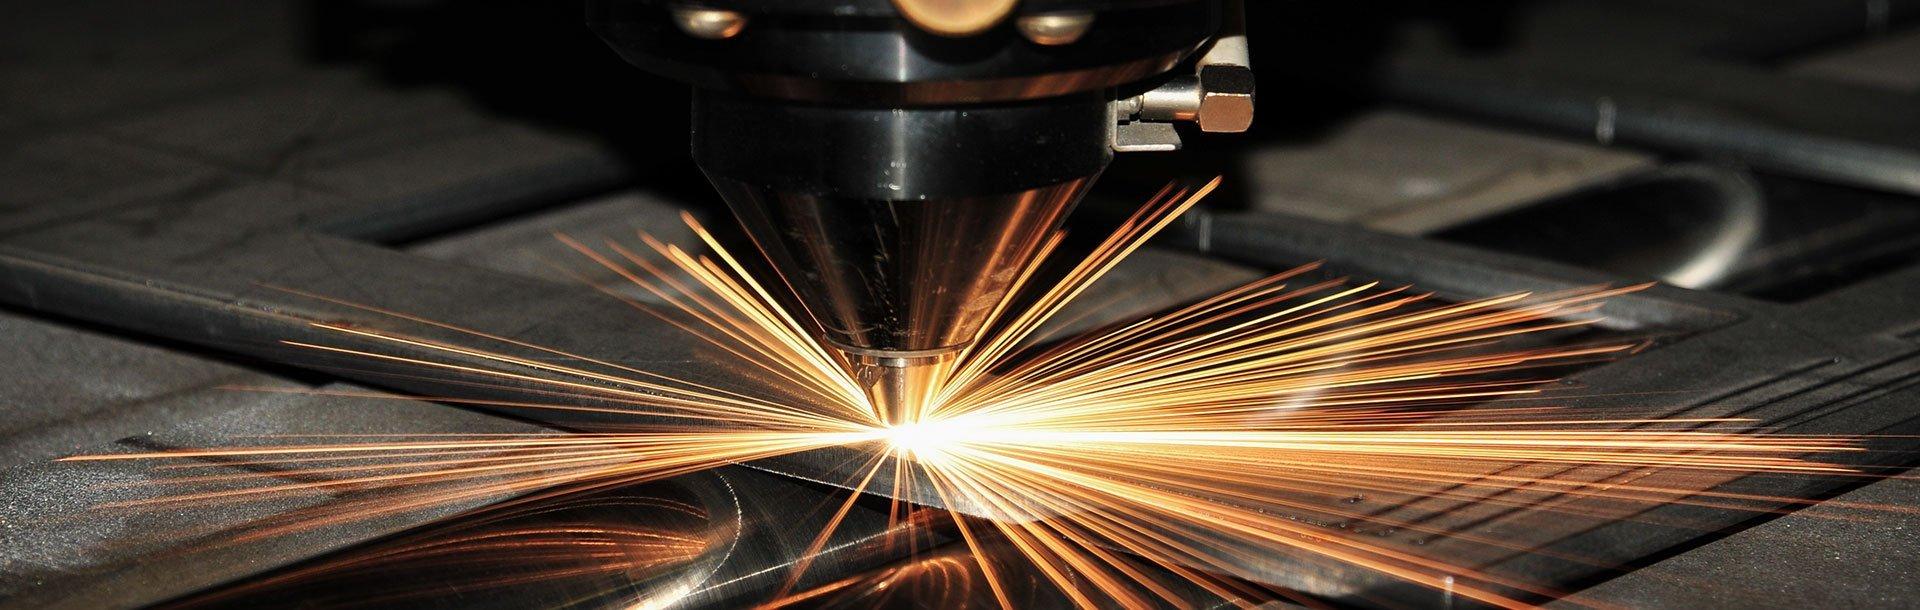 bendigo sheetmetal steel fabrication